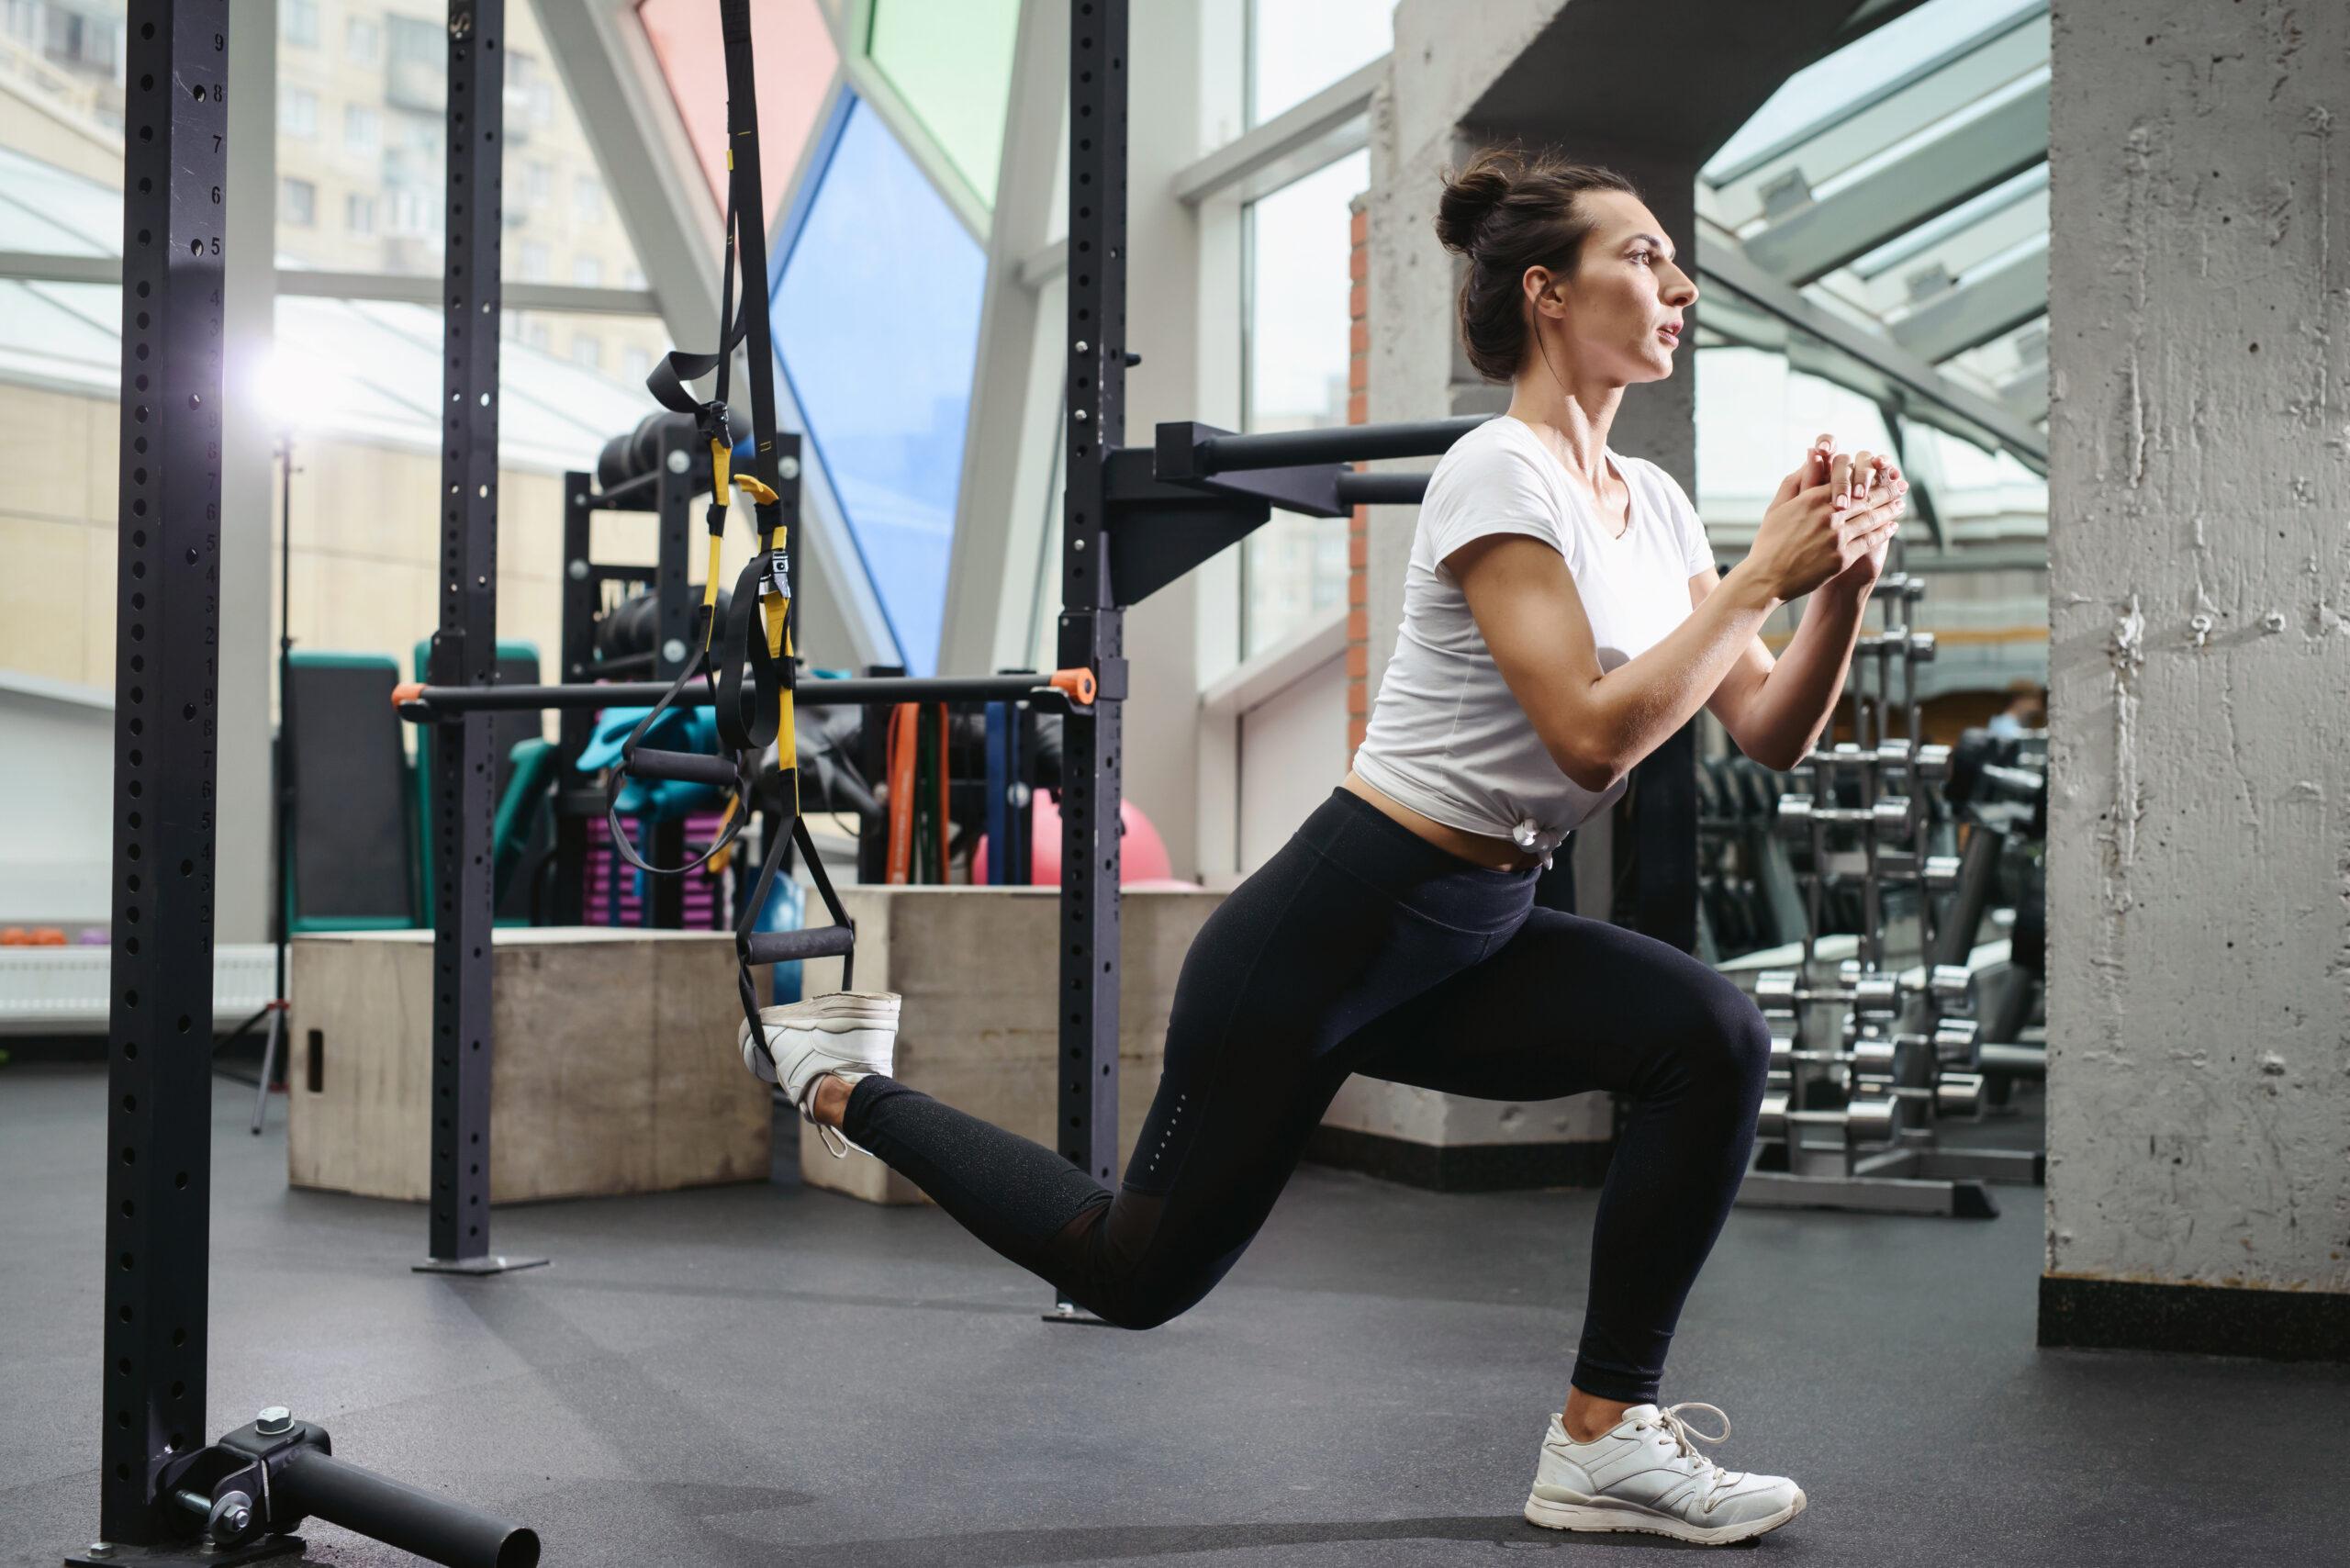 TRX Training, das Workout für die Körperbalance bei Vipfitstyle in Albisrieden